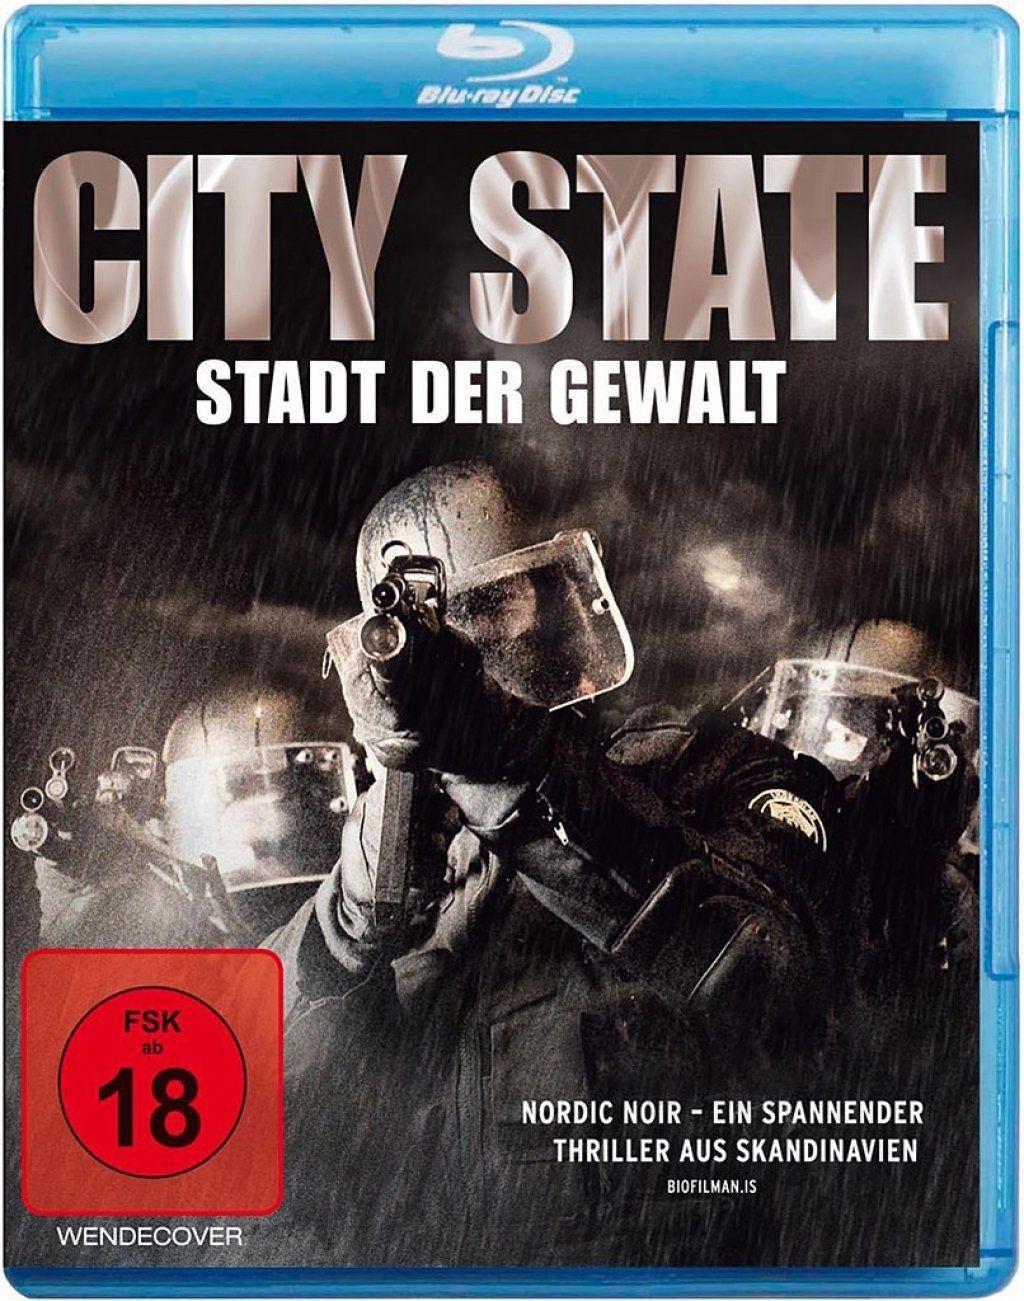 City State - Stadt der Gewalt (BLURAY)